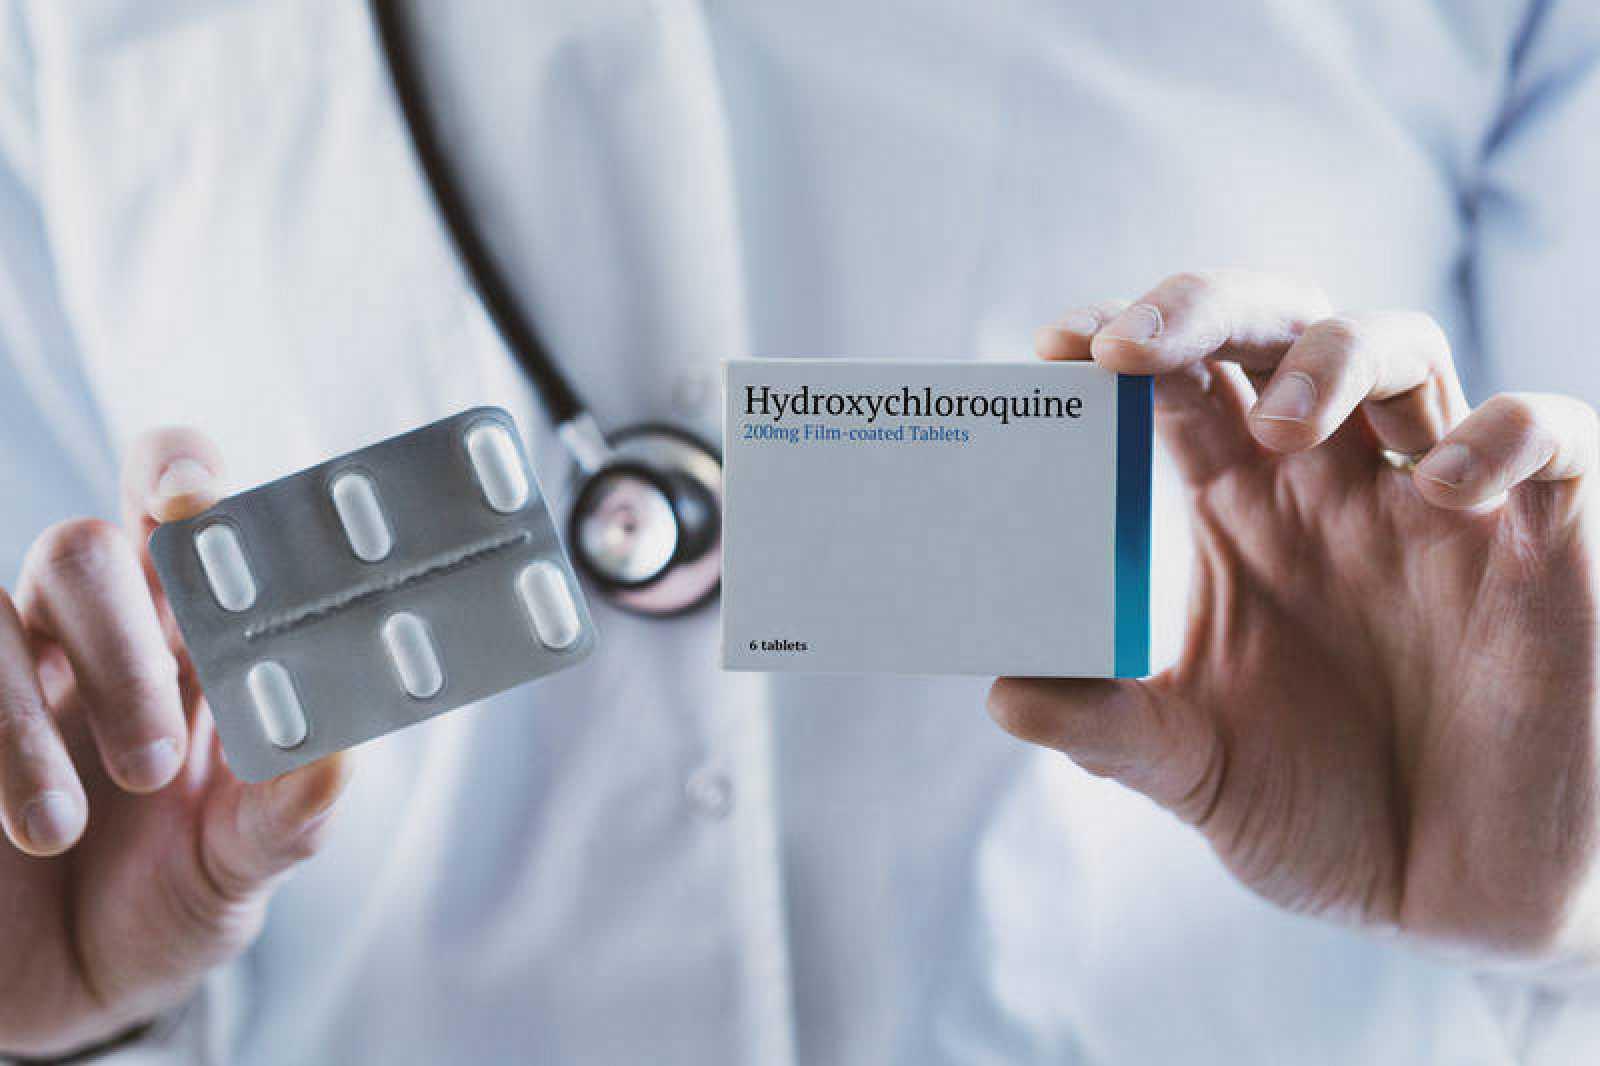 Un doctor sujera una caja de hidroxicloroquina